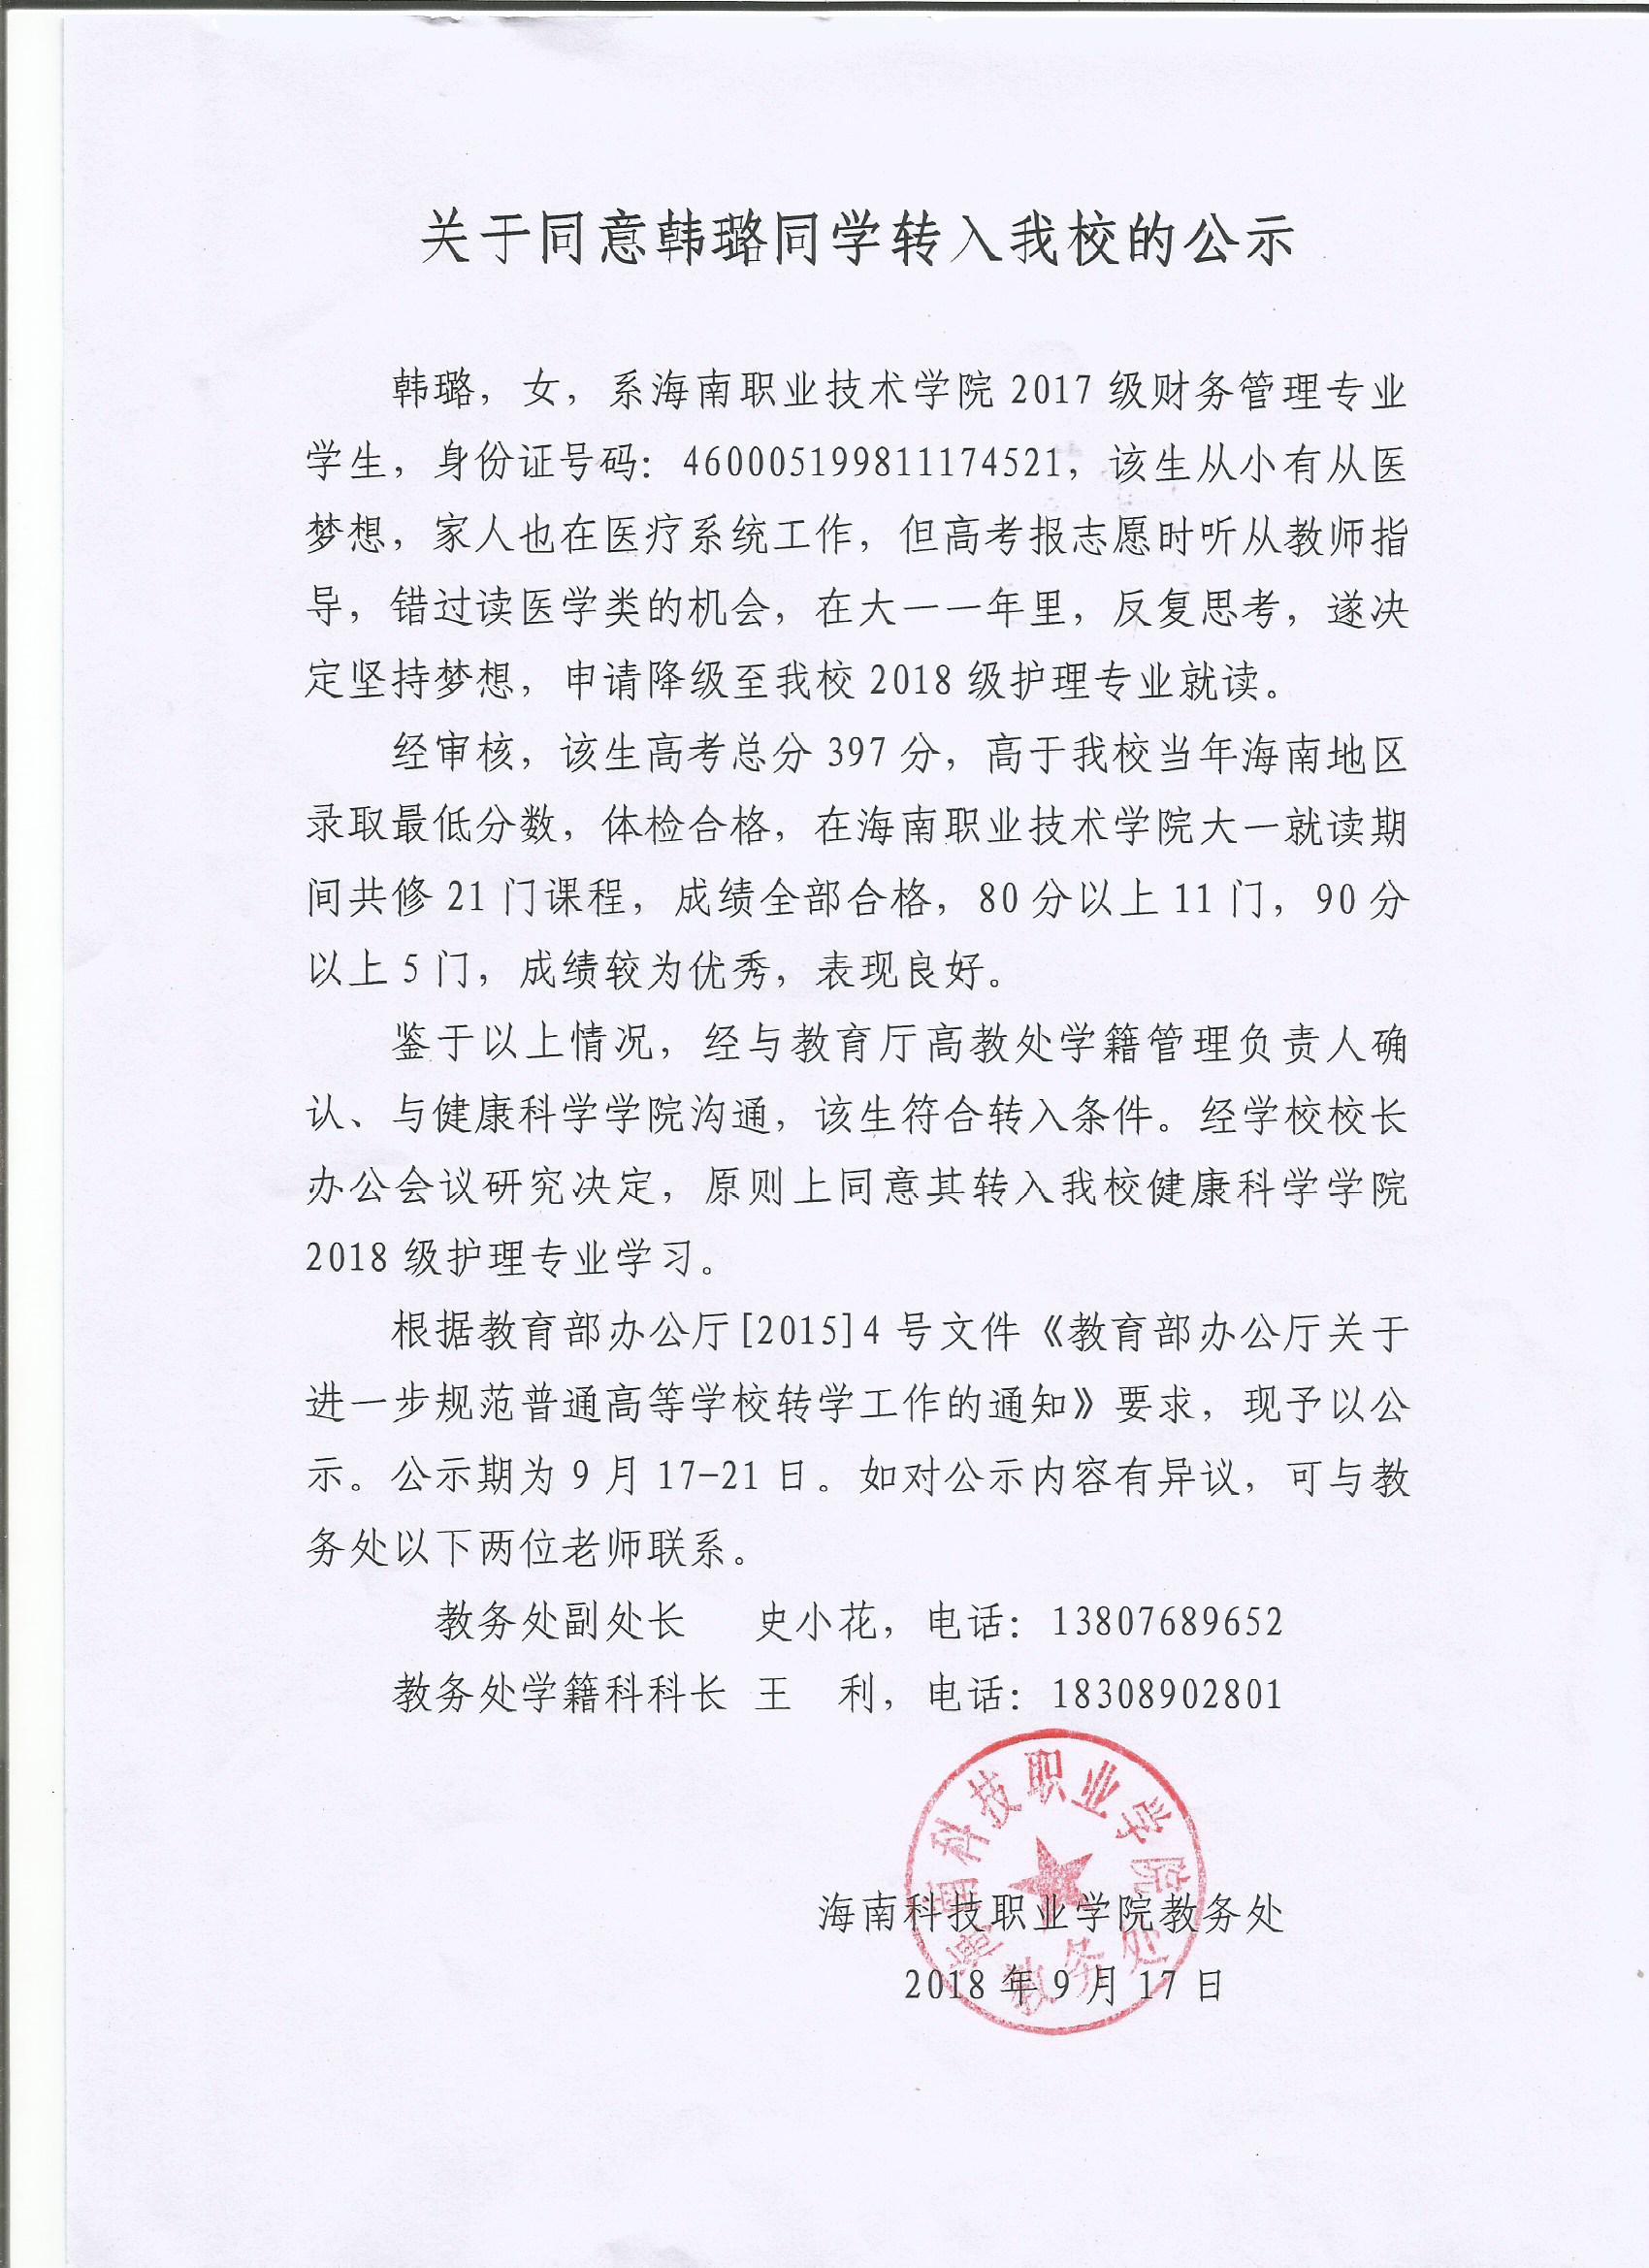 关于同意韩璐同学转入我校的公示(1).jpg